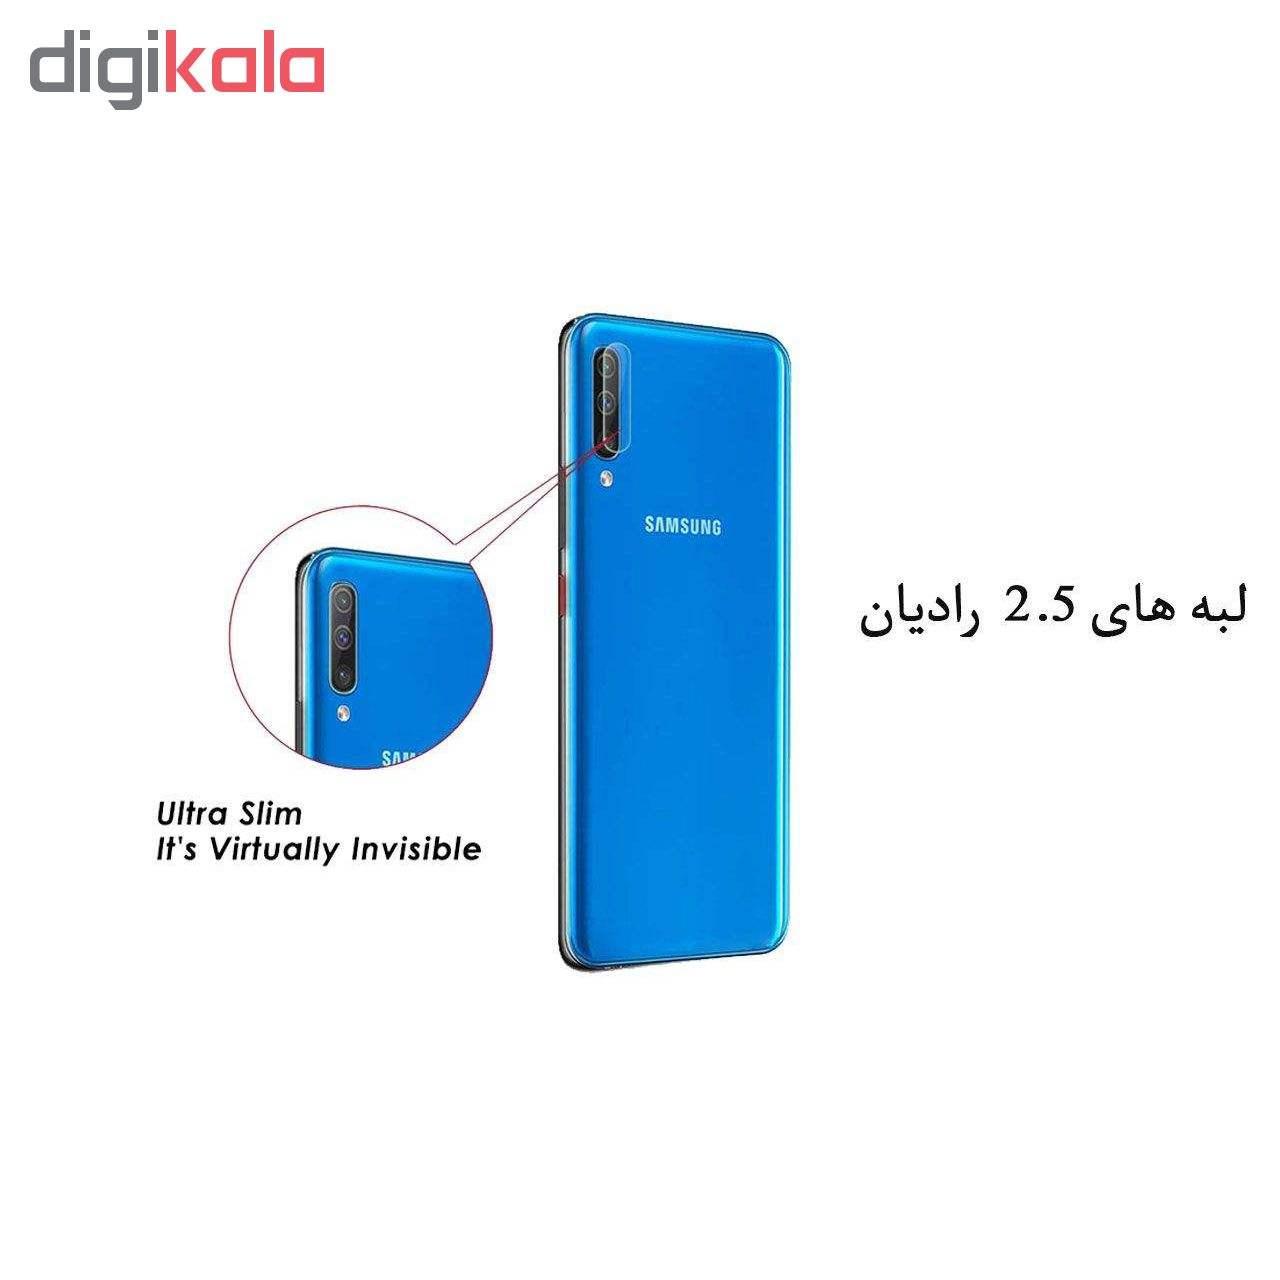 محافظ صفحه نمایش و پشت گوشی Hard and Thick مدل F-01 مناسب برای گوشی موبایل اپل Iphone X/Xs به همراه محافظ لنز دوربین main 1 12